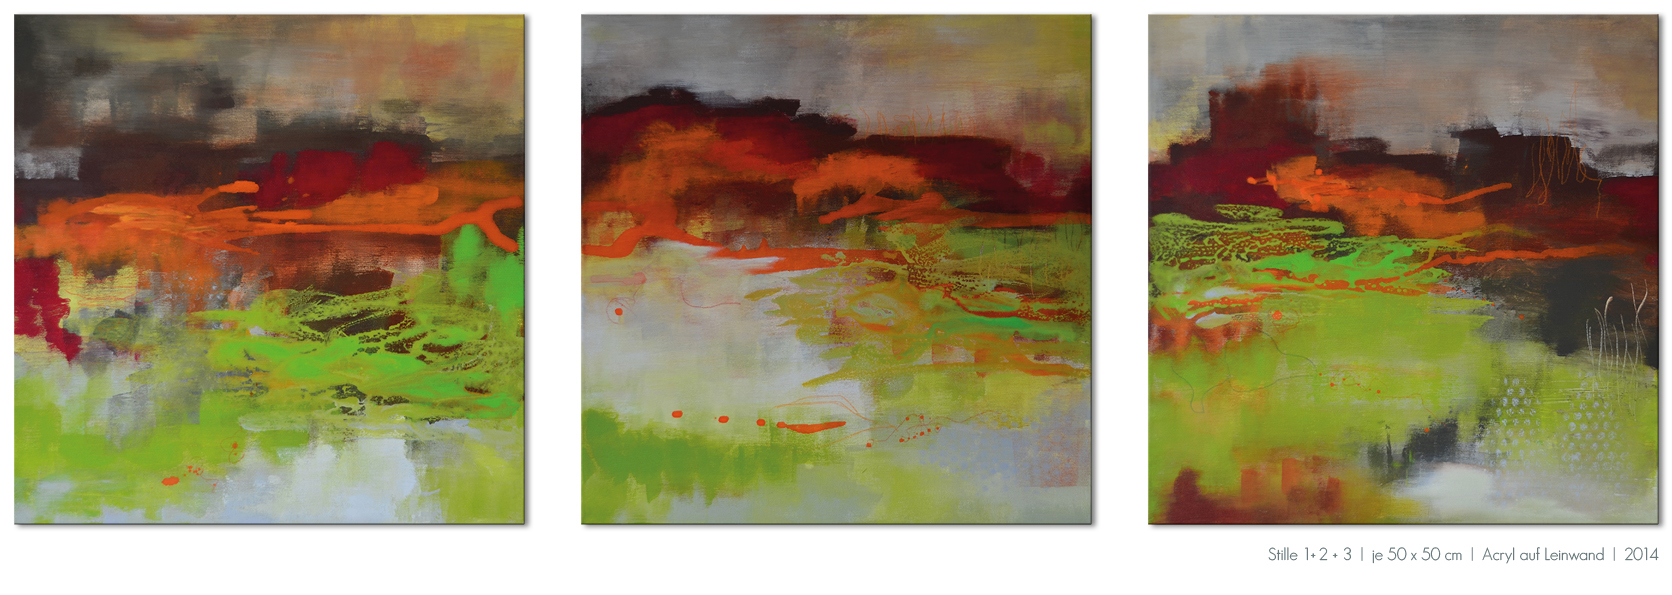 Kunst Malerei Acryl abstrakt Gestaltung Bilder kaufen Farben Herbst braun grün orange Wiese Wasser Walze Großformat Atelier bunt Esslingen Stuttgart Ostfildern